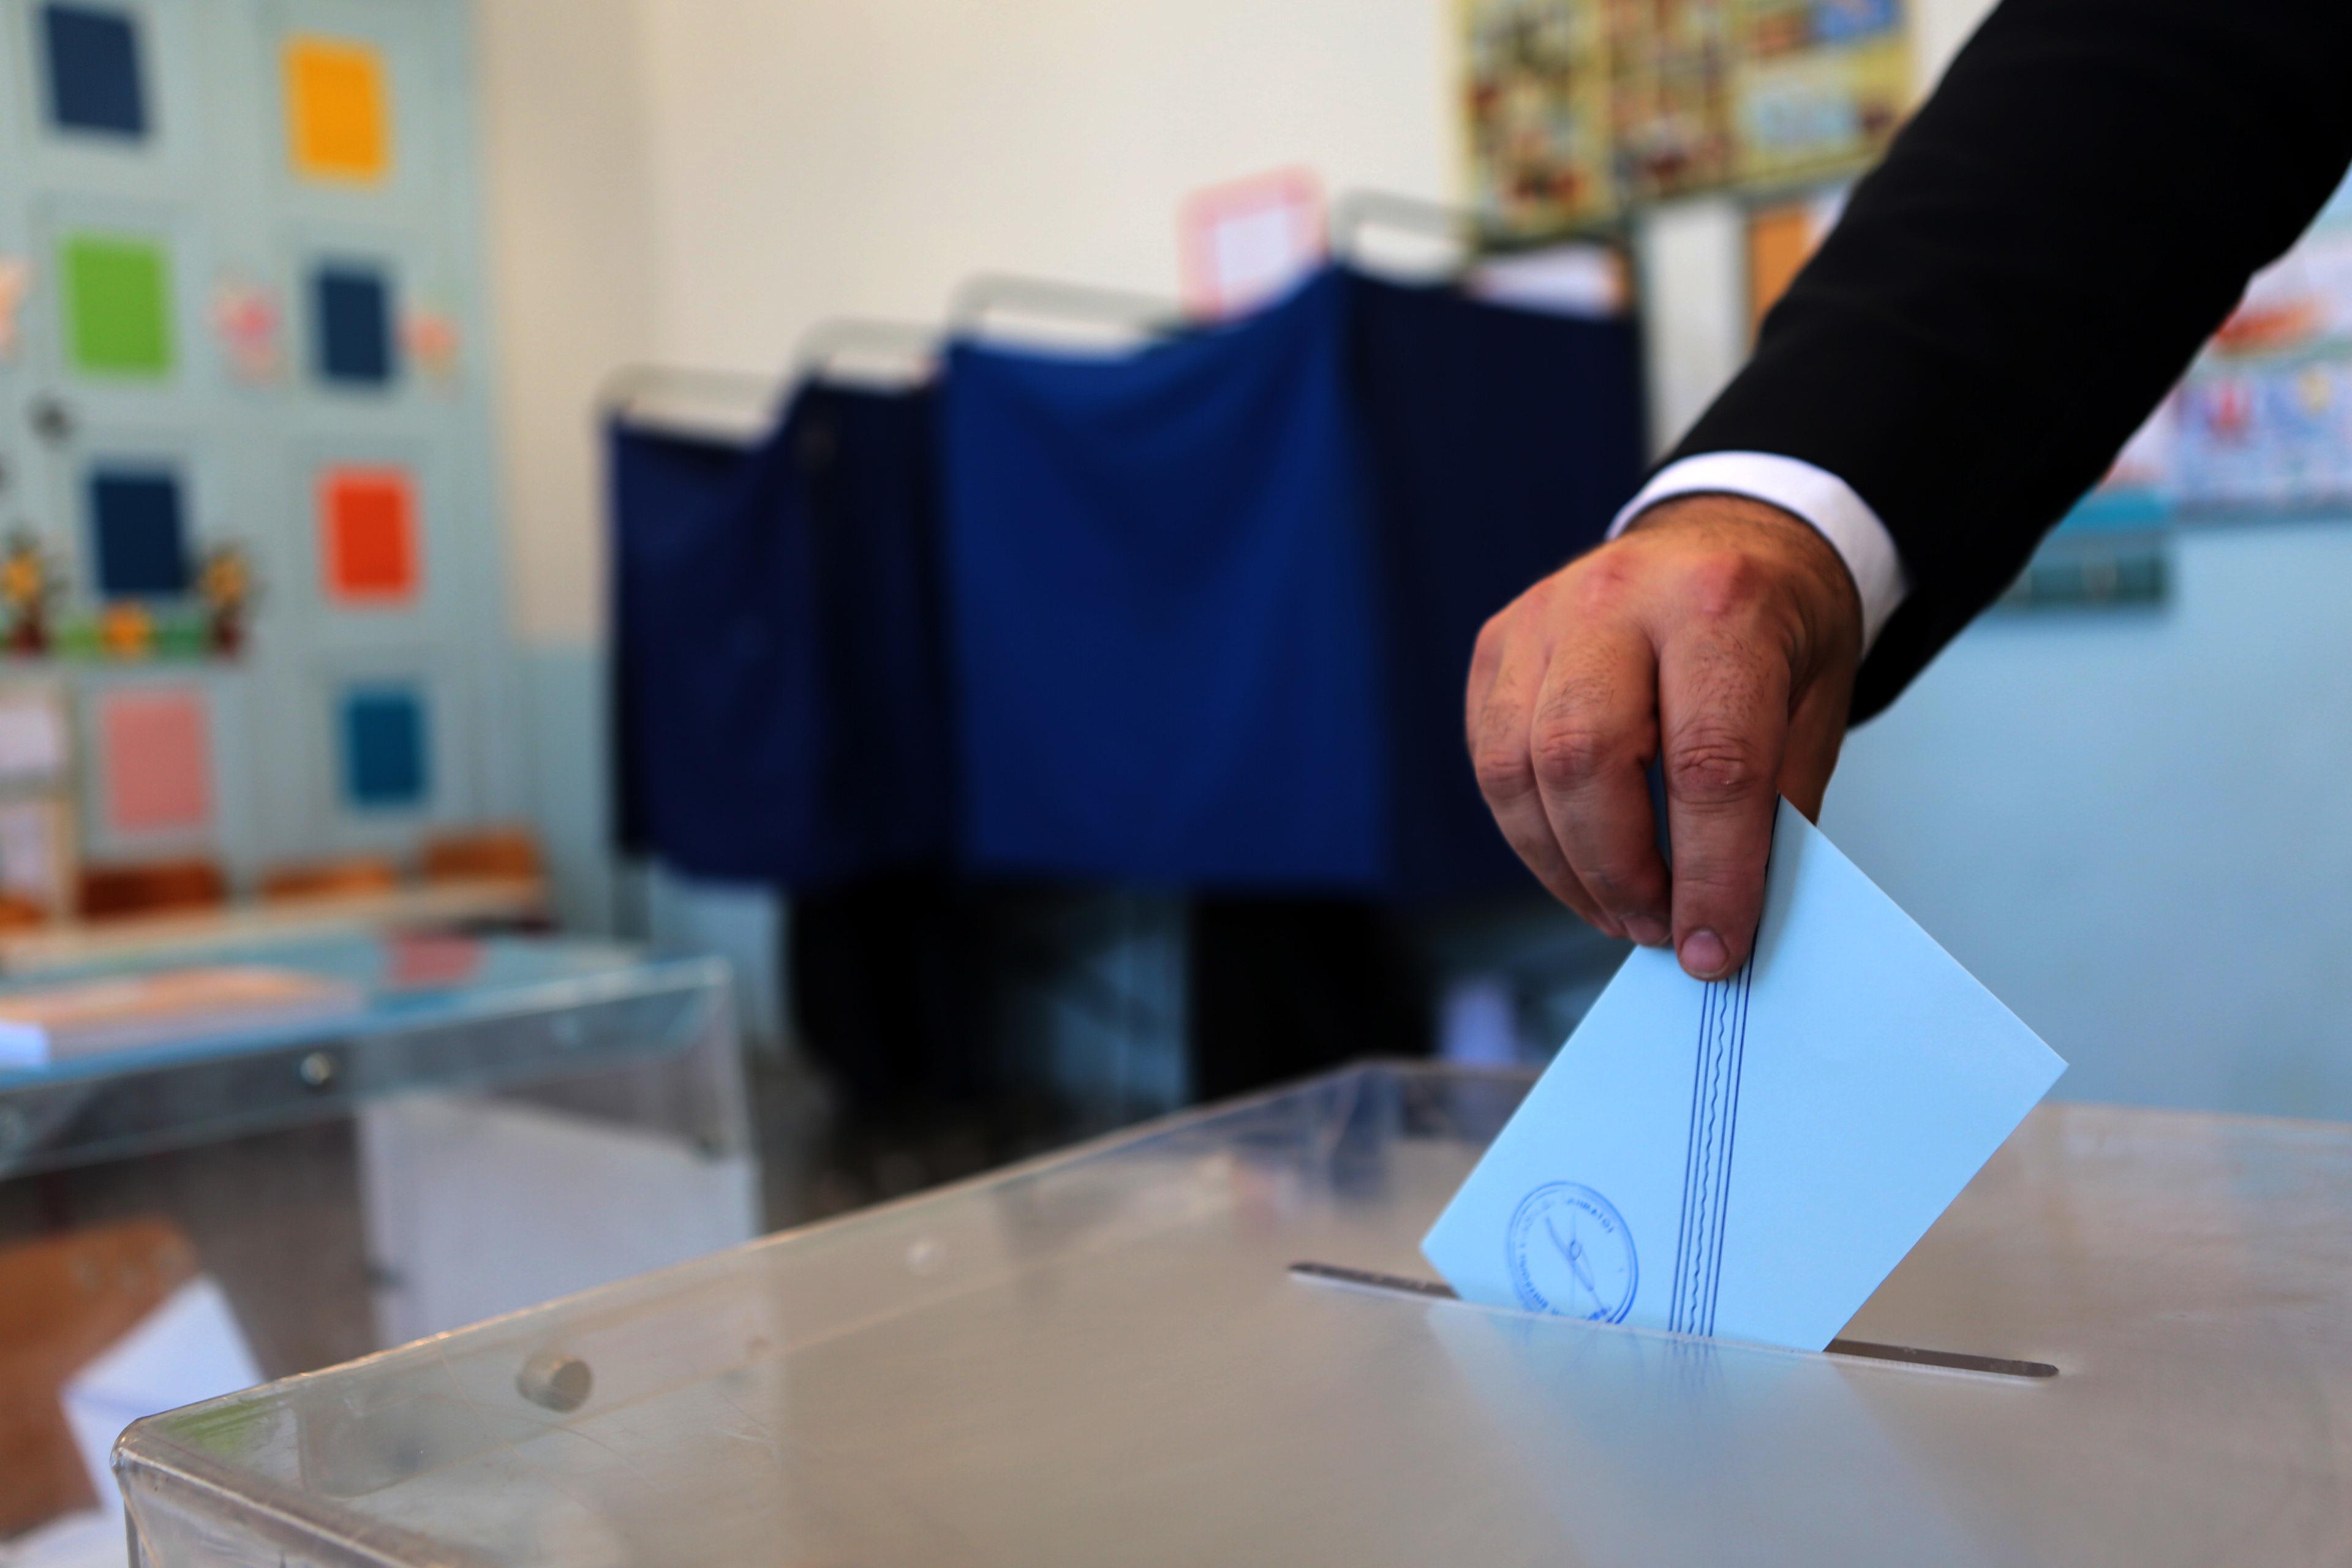 Ευρωεκλογές 2014: Πρώτος ο ΣΥΡΙΖΑ, σύμφωνα με νέα δημοσκόπηση